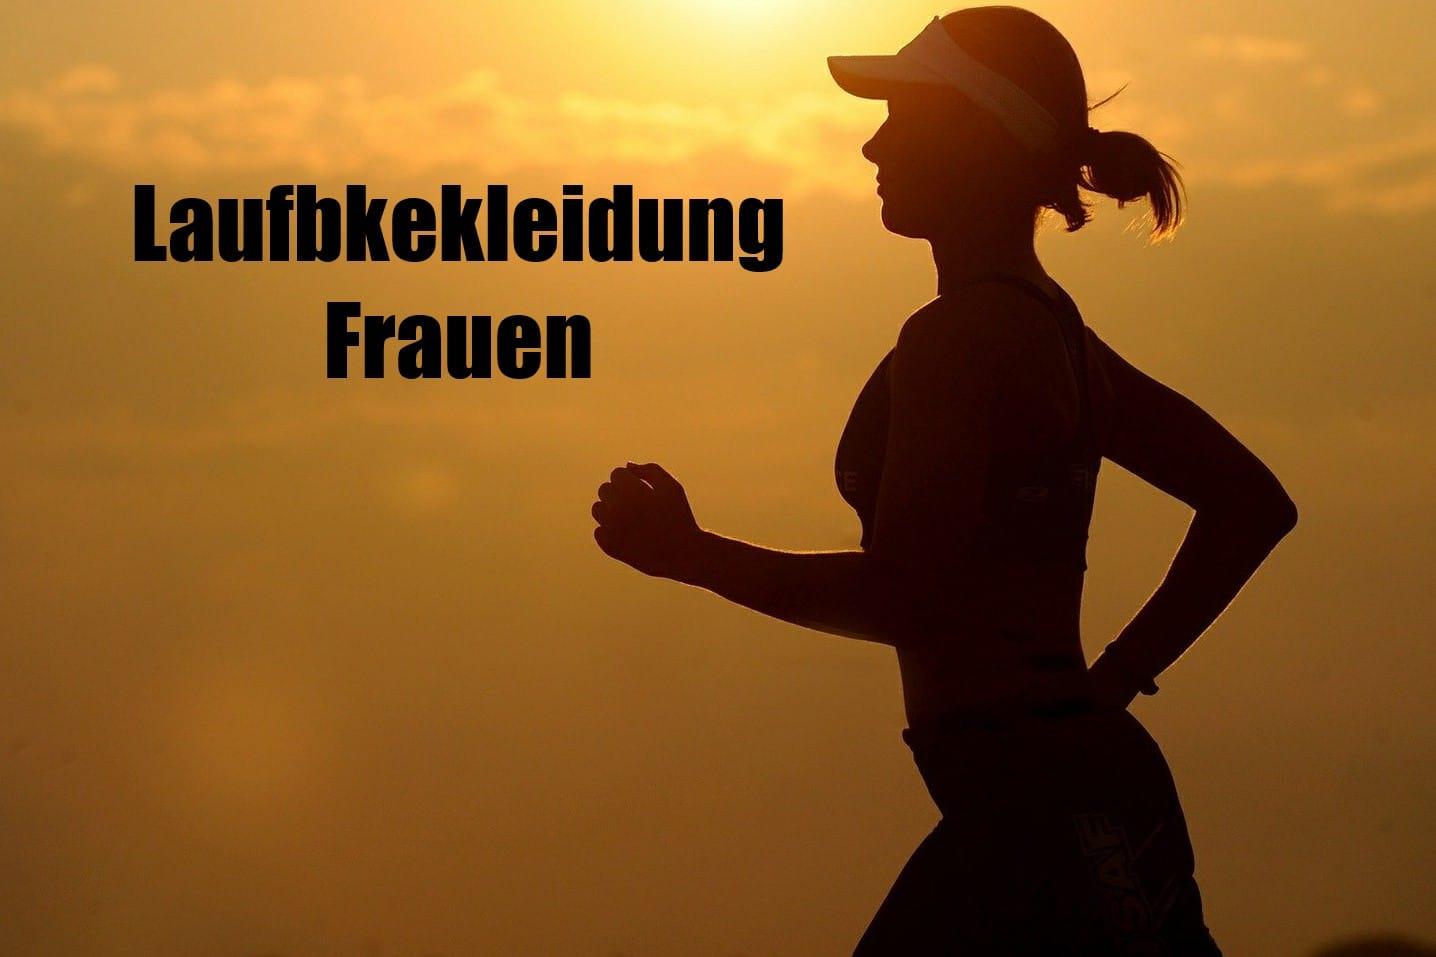 Laufbekleidung.org Frauen